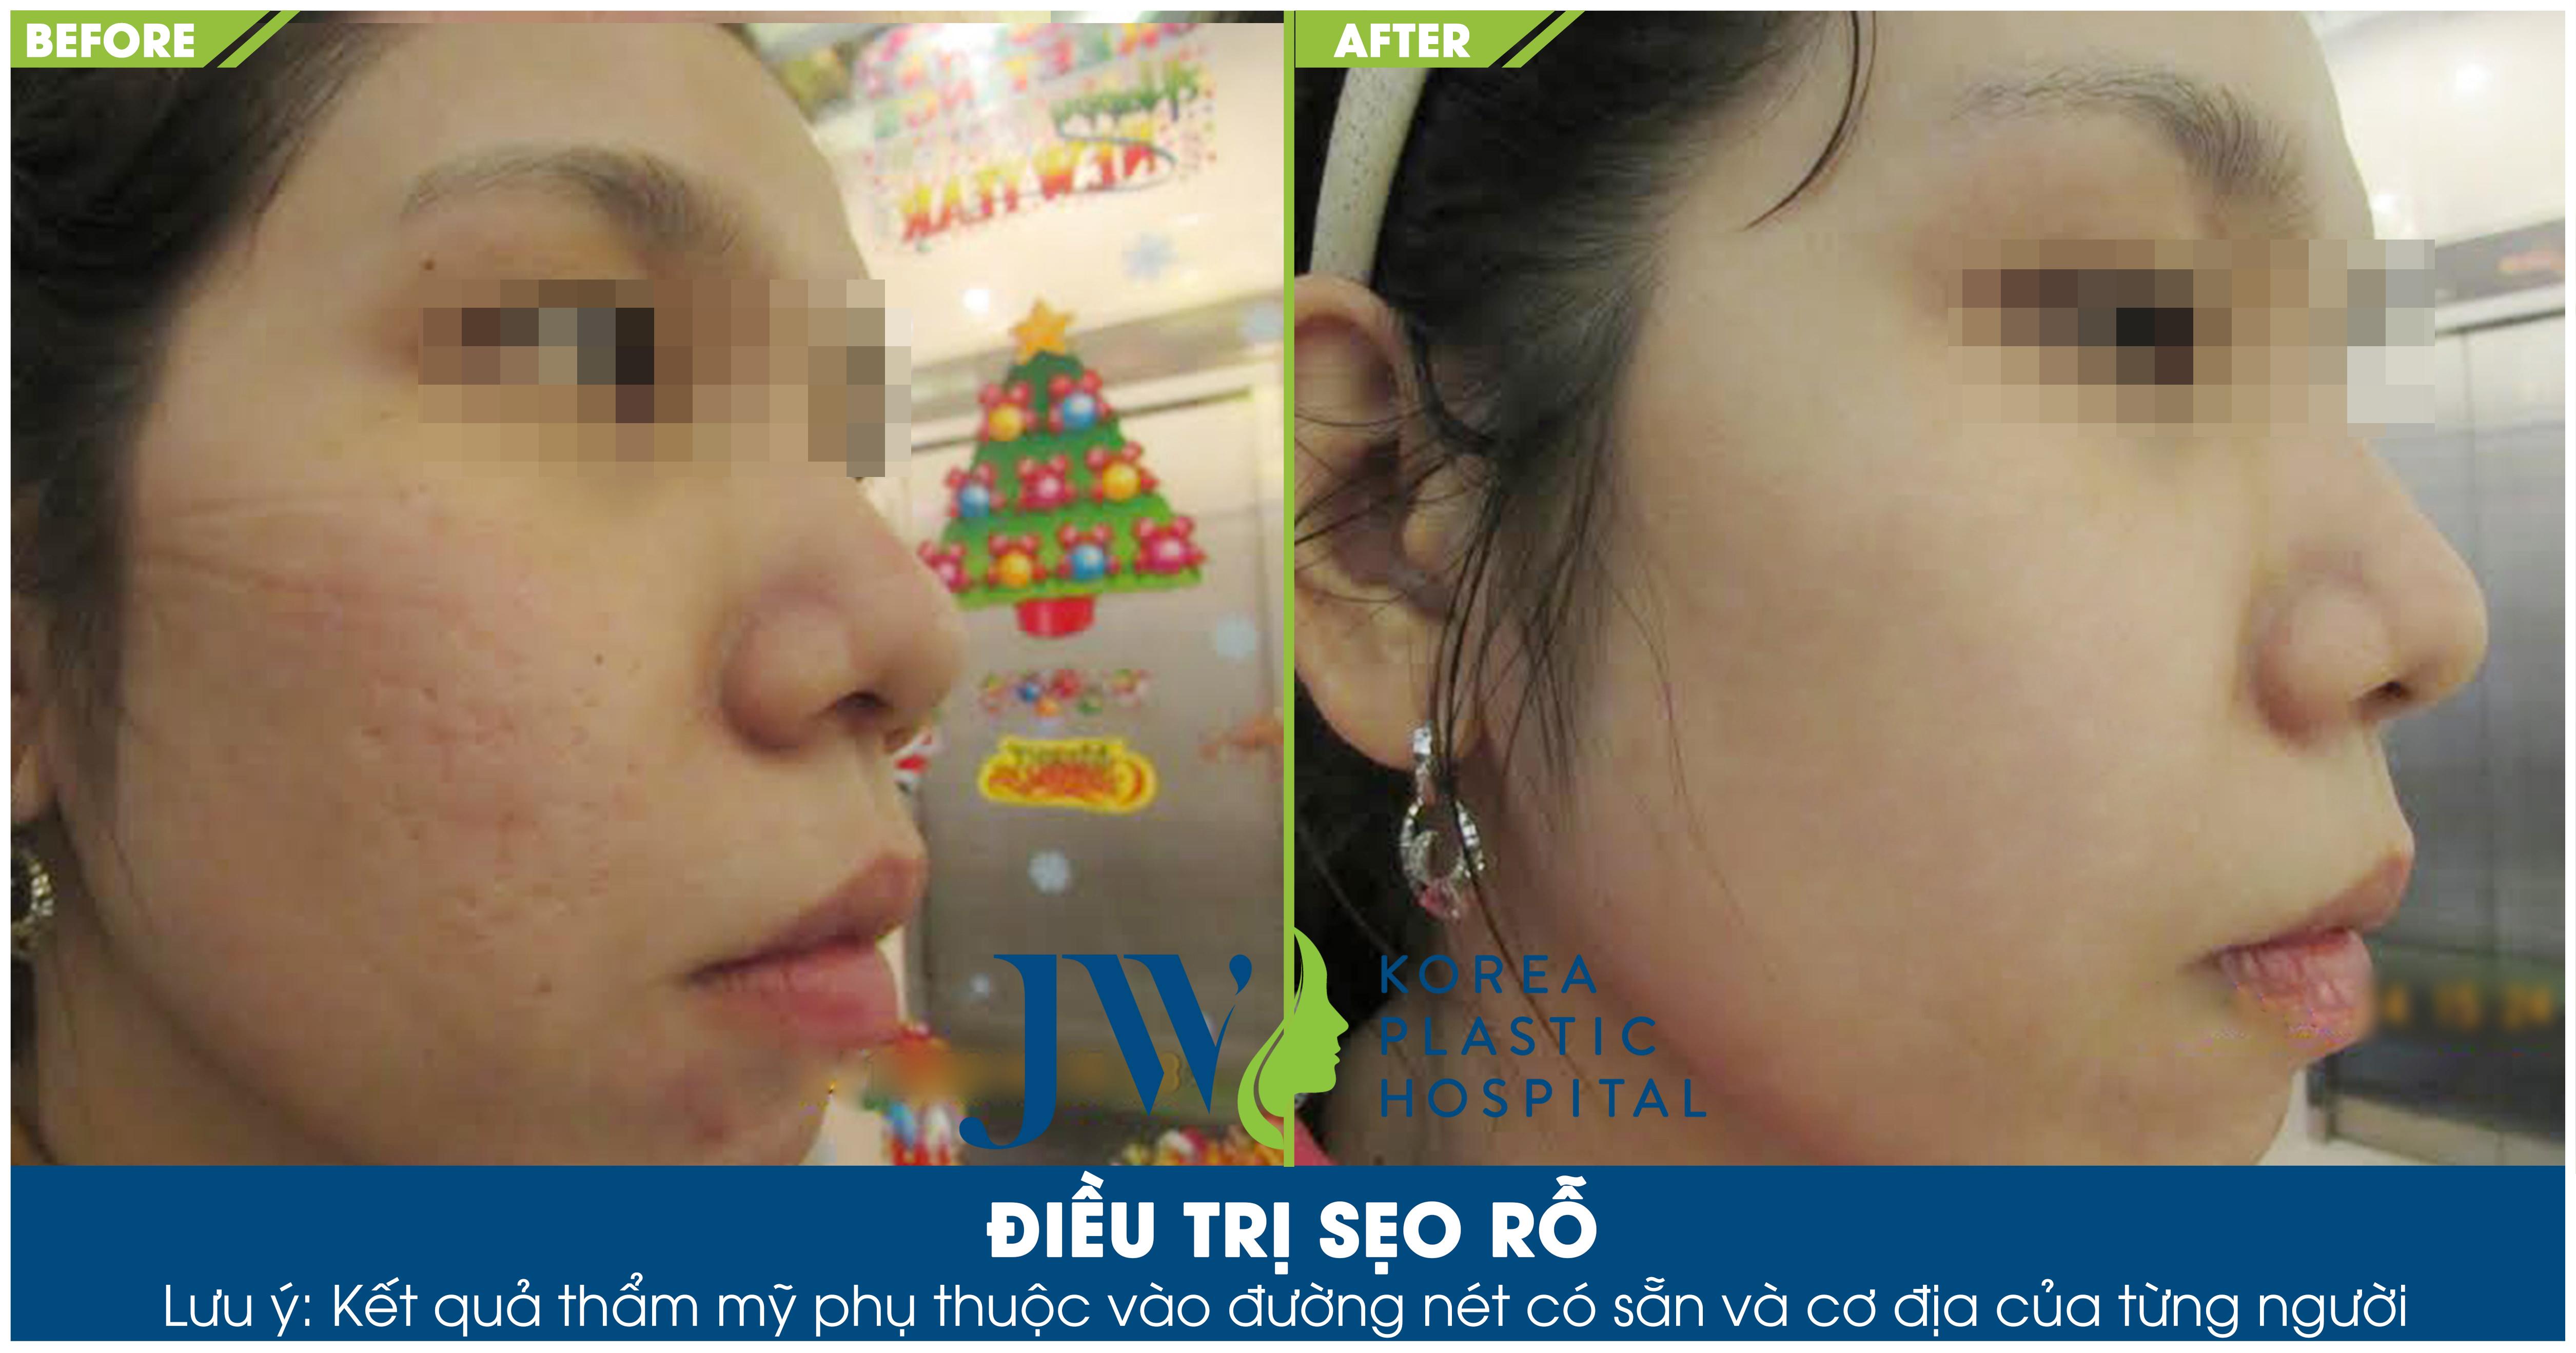 Hình ảnh sau khi điều trị sẹo rỗ thành công tại Skincare JW